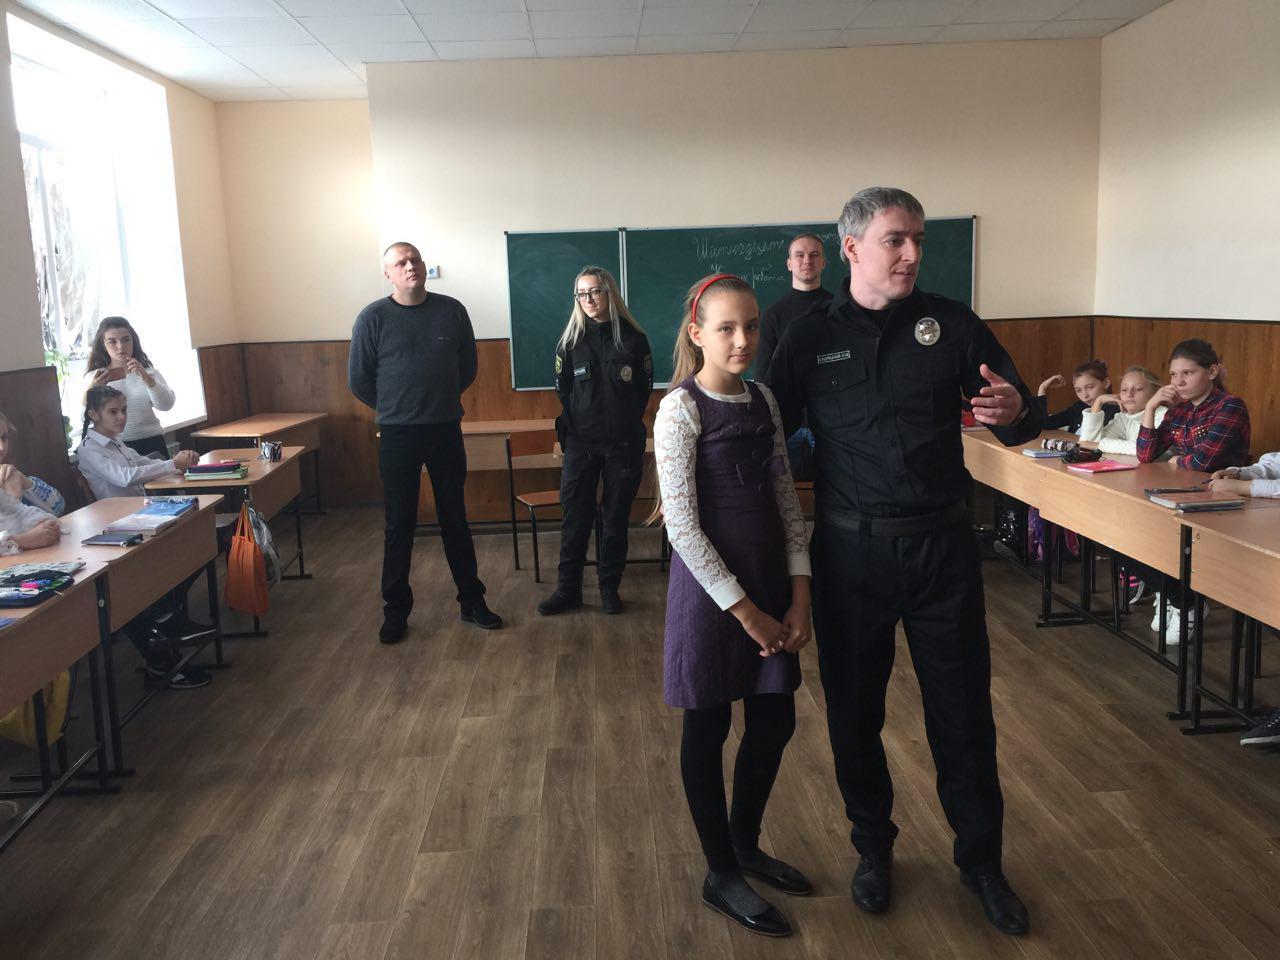 Керівництво Добропільського відділення поліції провело урок безпеки для місцевих учнів, фото-4